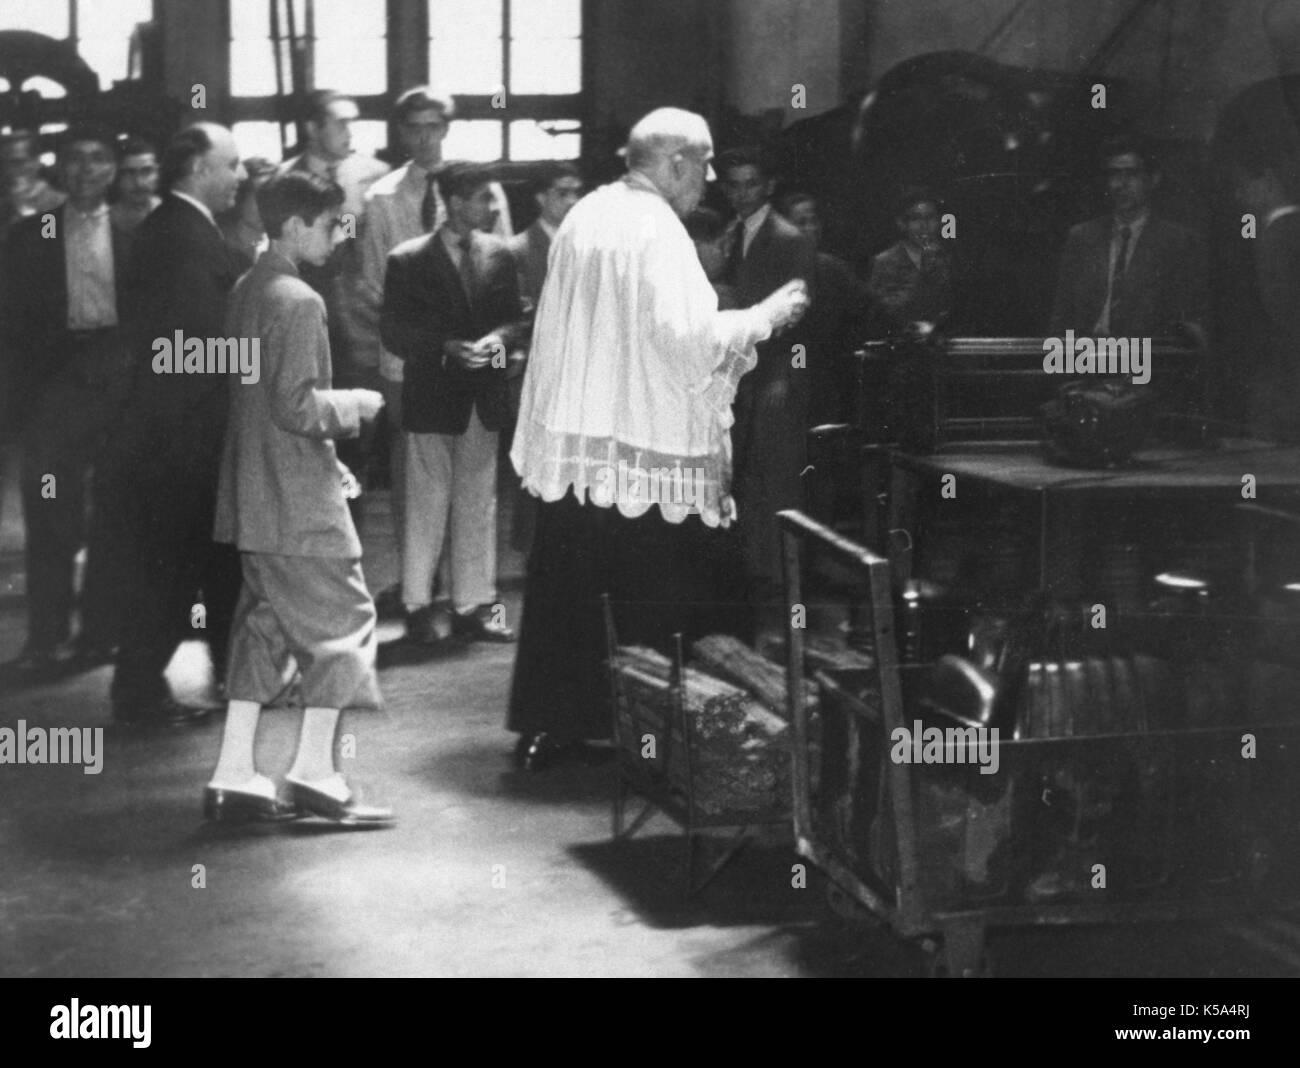 Spanien, Jahrzehnt der fünfzig Jahre. Traditionelle Segen Zeremonie eine Fabrik. Barcelona, Katalonien, Spanien. Stockbild